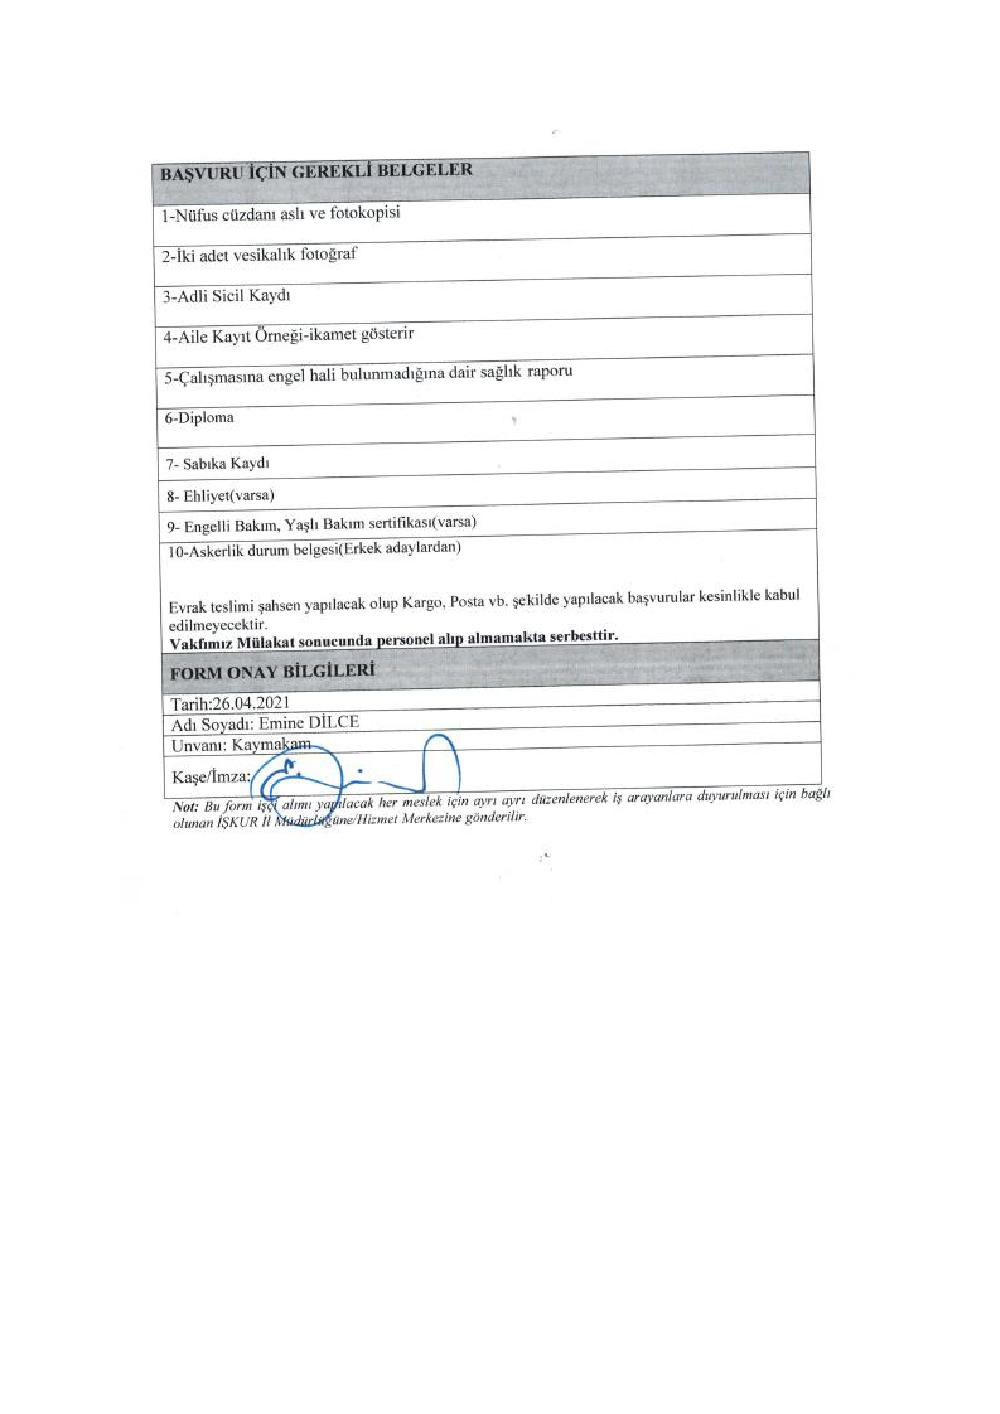 cankiri-kizilirmak-sydv-04-05-2021-000002.png